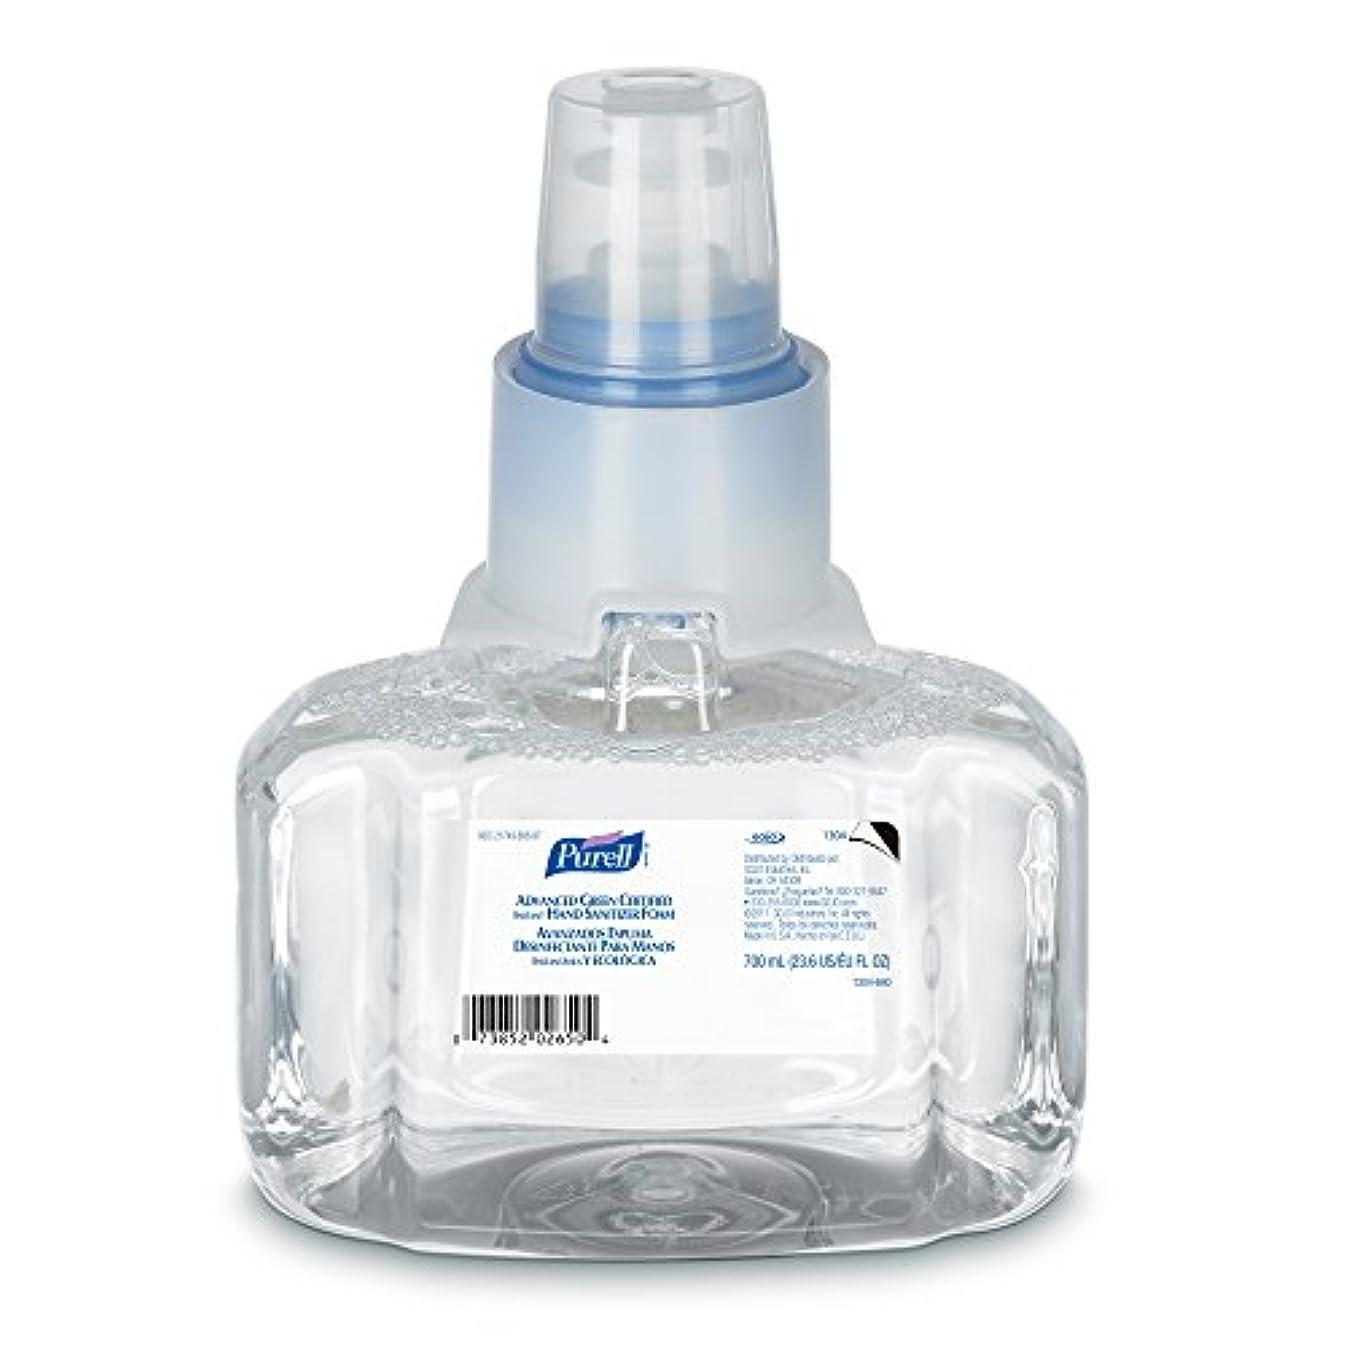 なので急行する求人Purell 1304-03 Advanced Green Certified Instant Hand Sanitizer Foam, 700 ml Refill (Pack of 3) by Purell